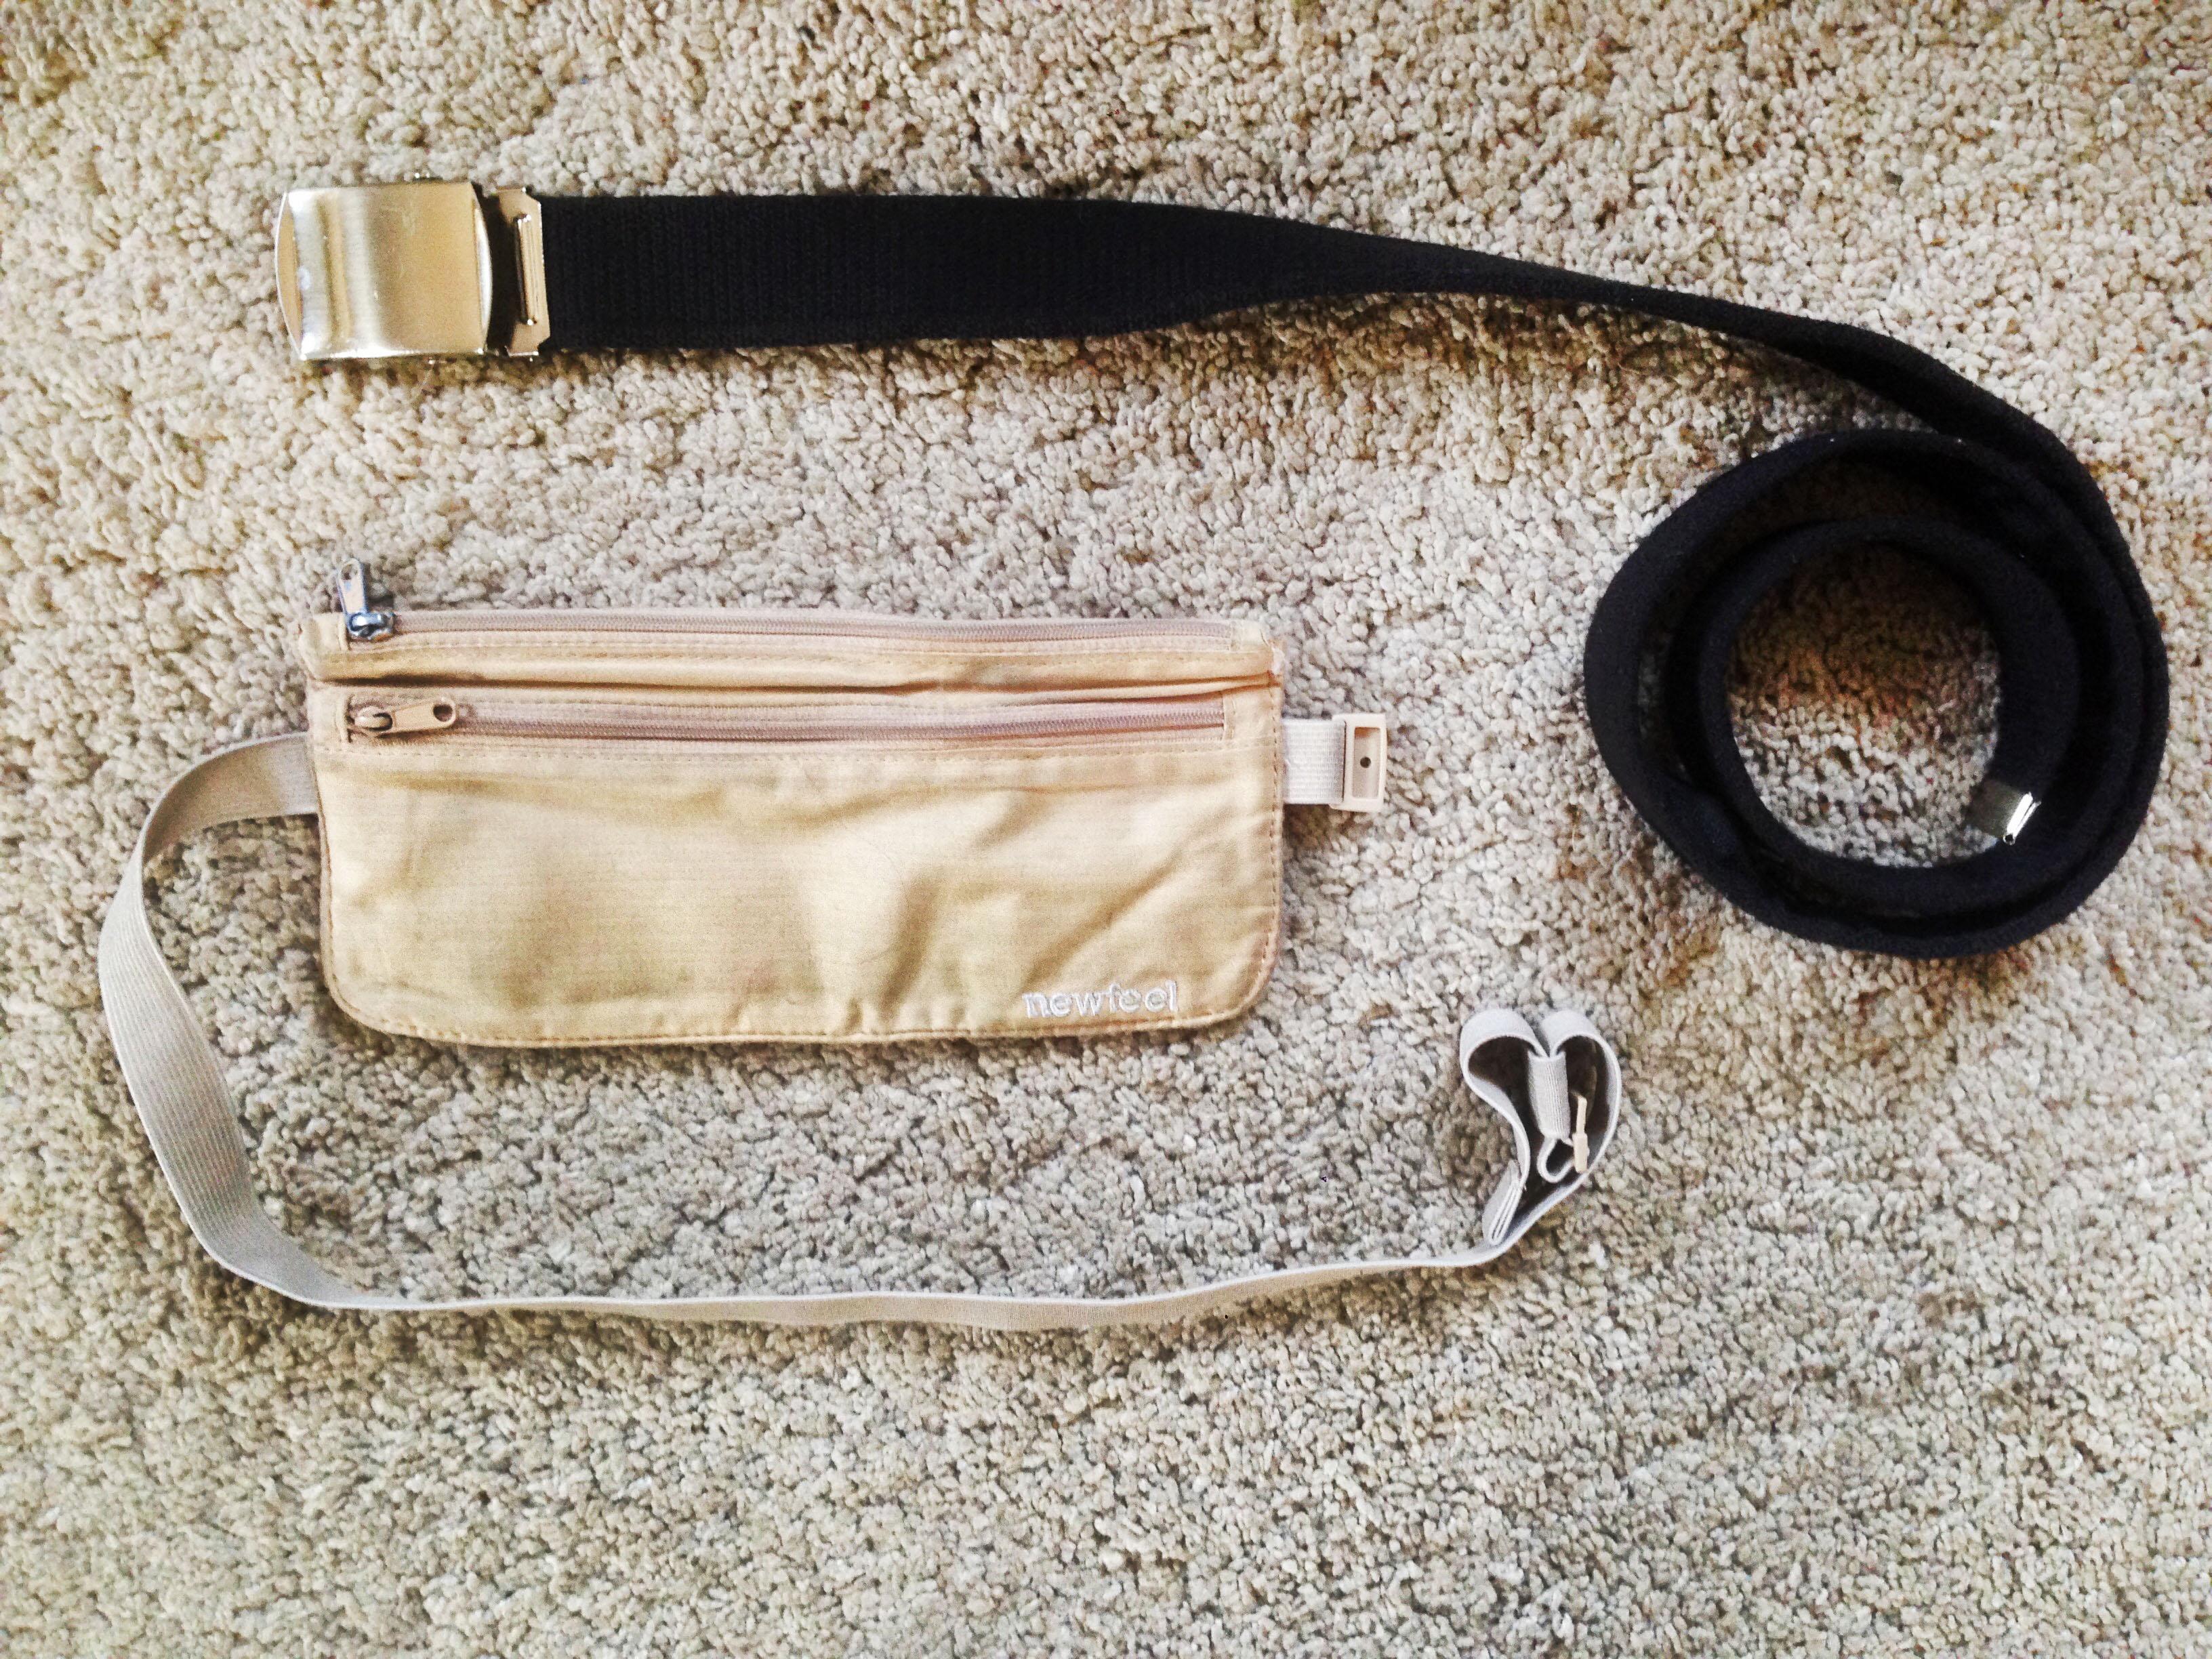 Un marsupio color crema e una cinta nera di stoffa appoggiate su un tappeto bianco a tinta unita